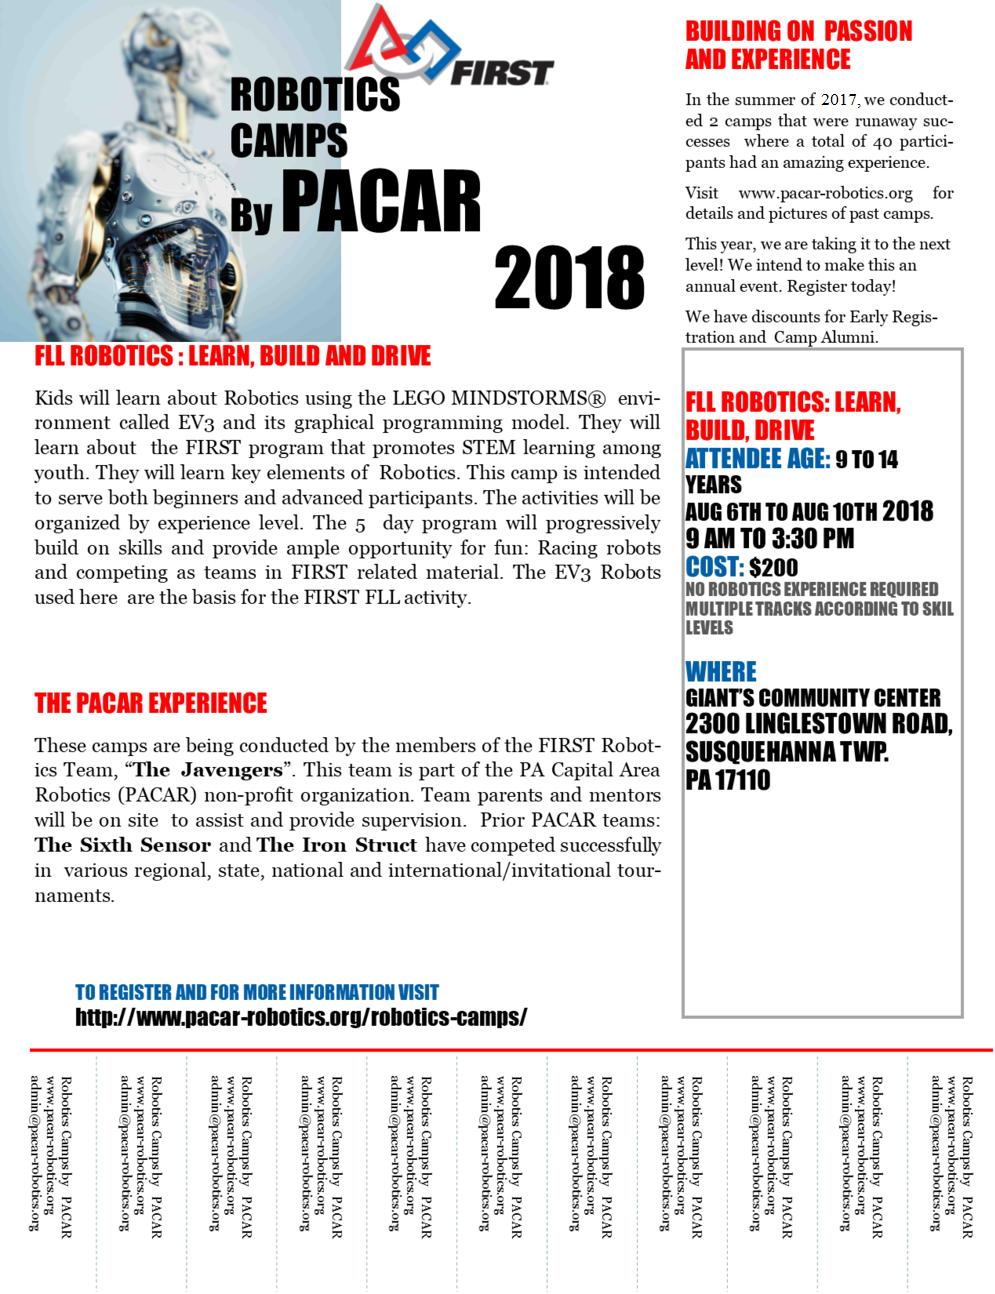 PACAR2018Camp.png